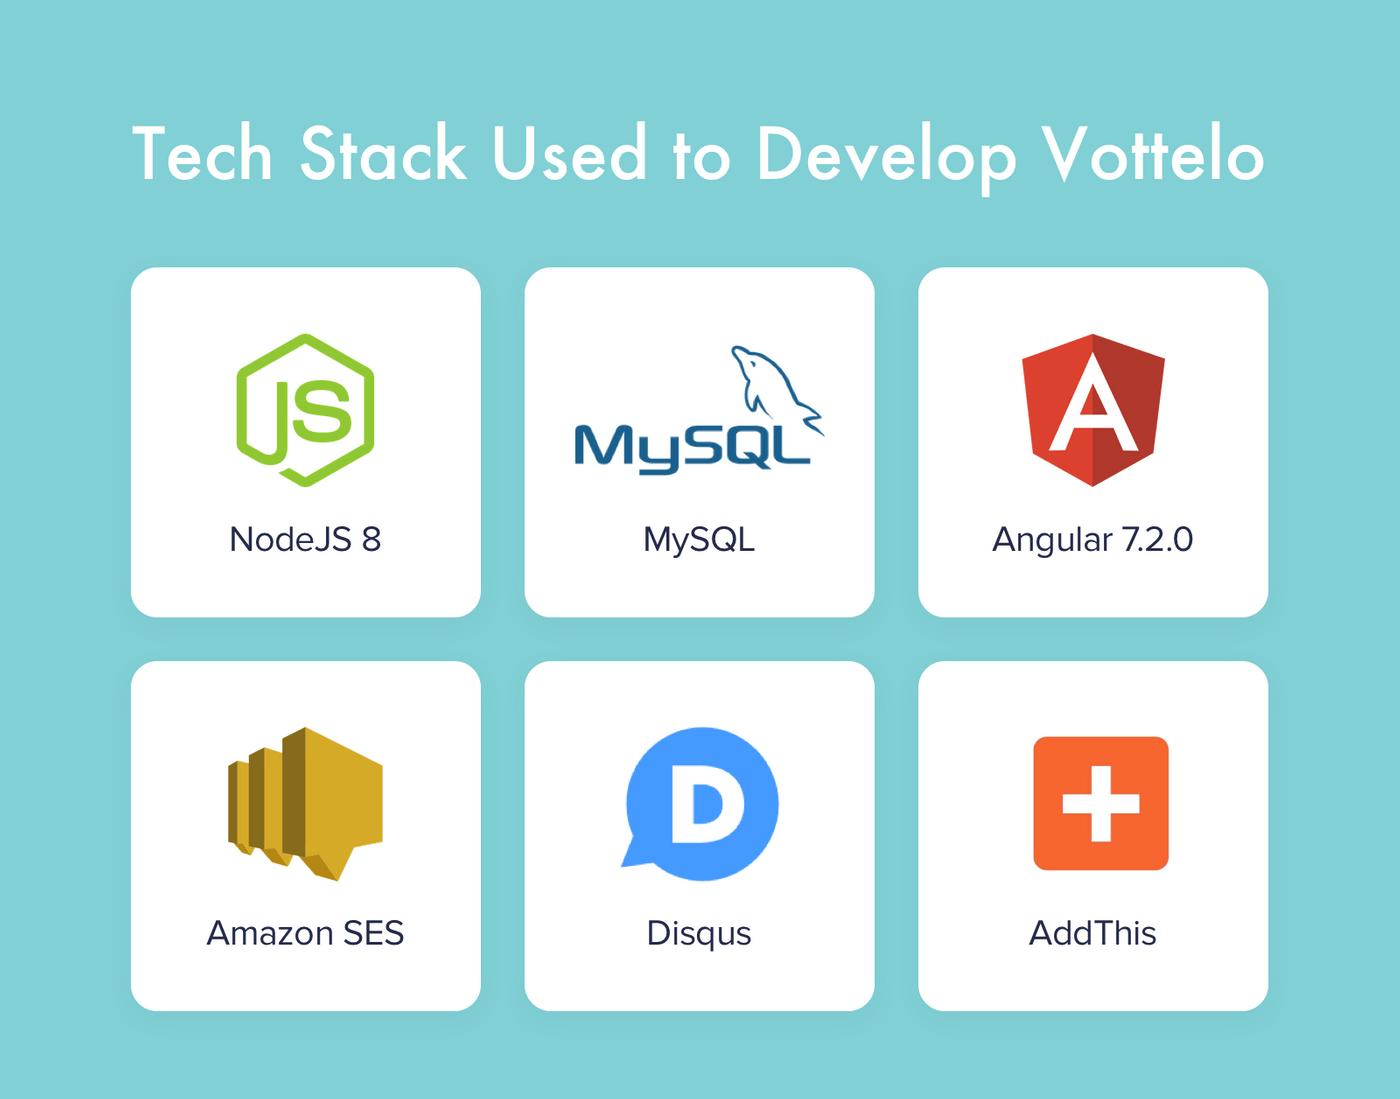 Vottelo's tech stack